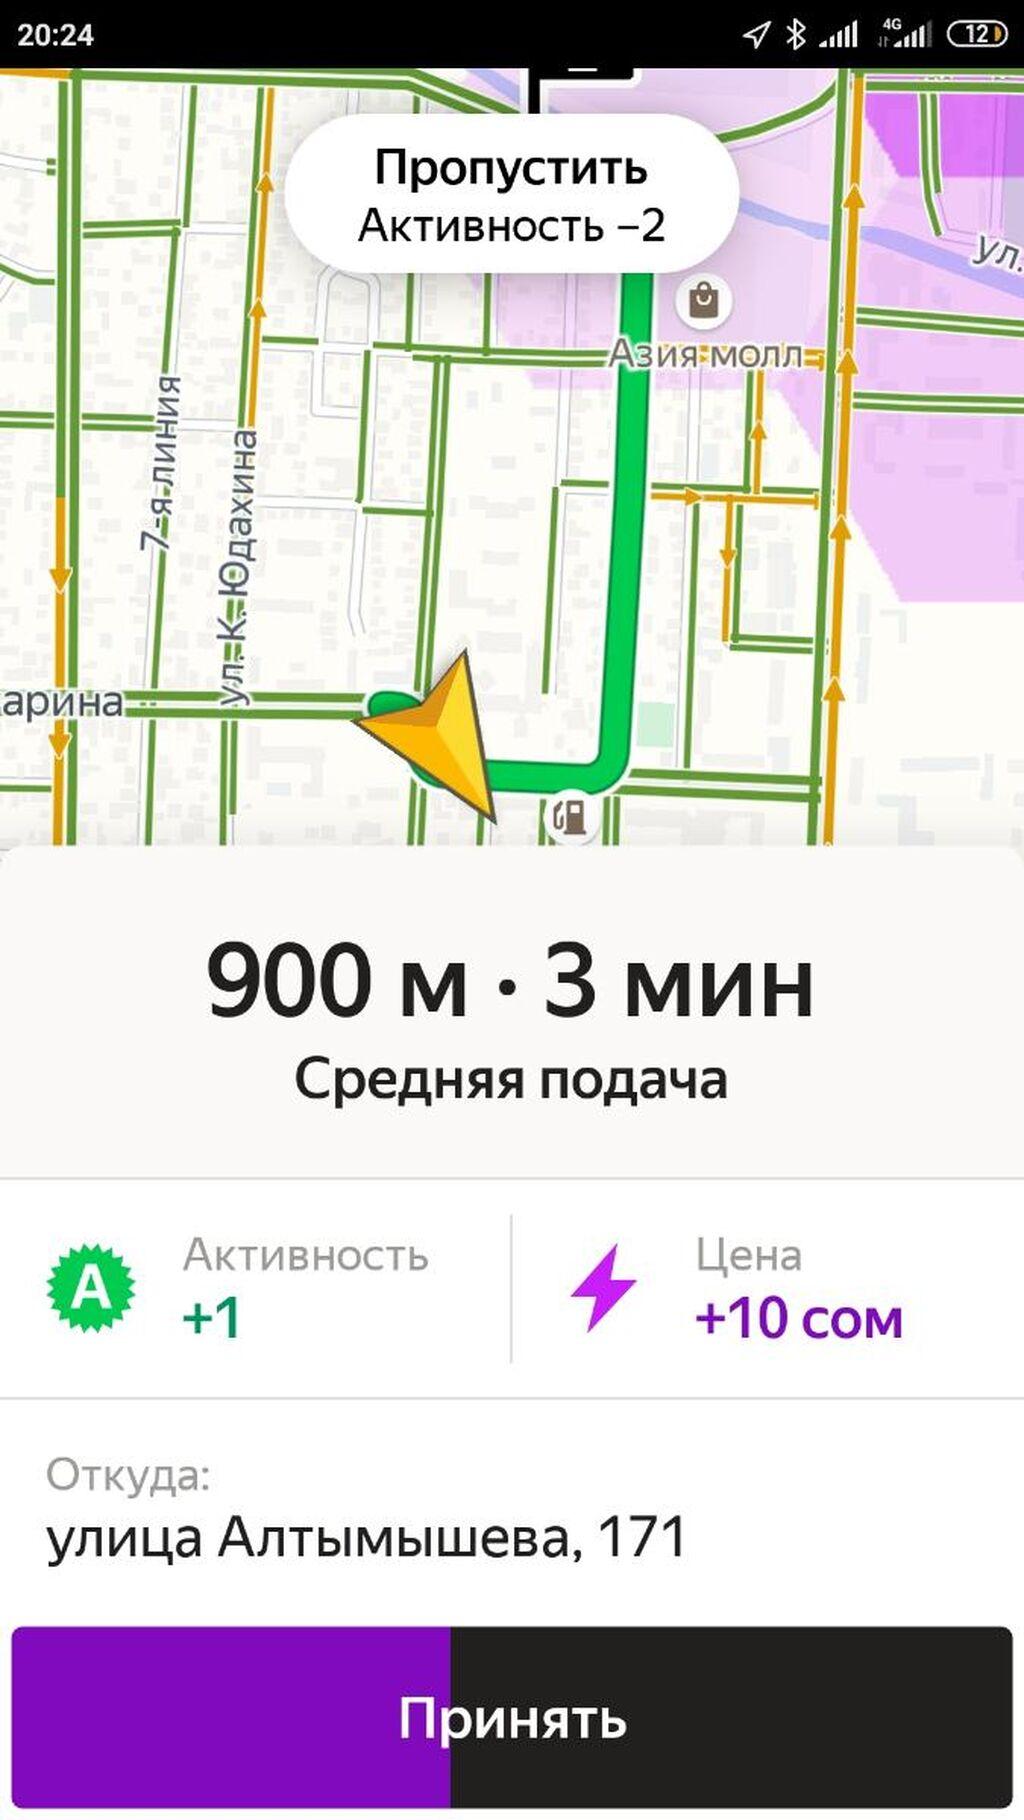 Аренда авто для такси нексия по смене 12 часов